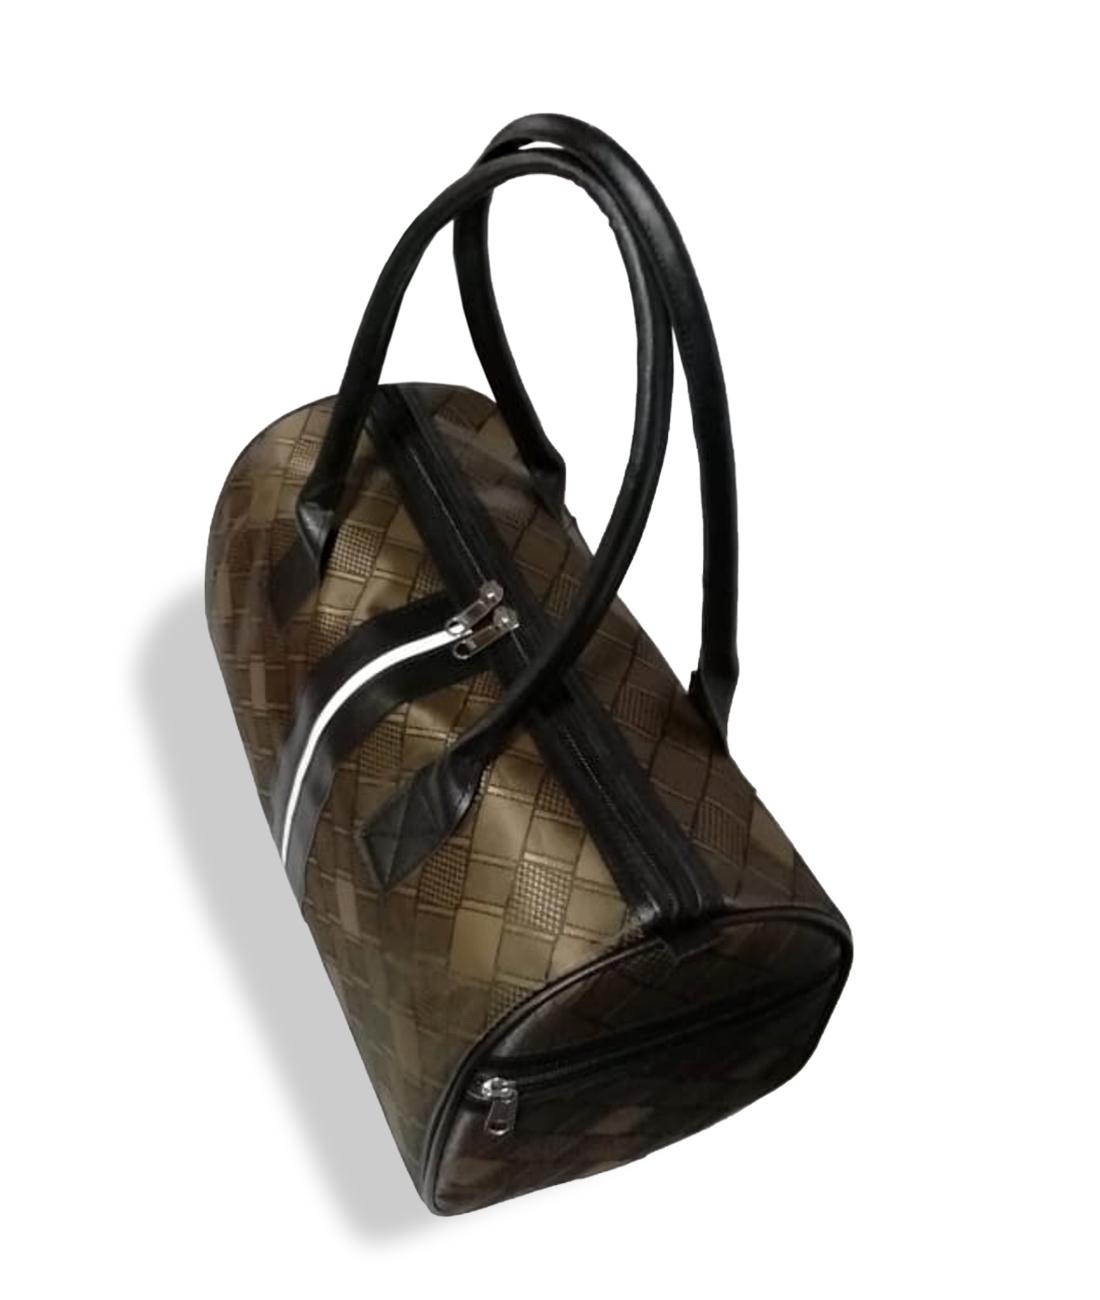 Caris 15L Printed Duffle Bag Gym Bag Travel Bag